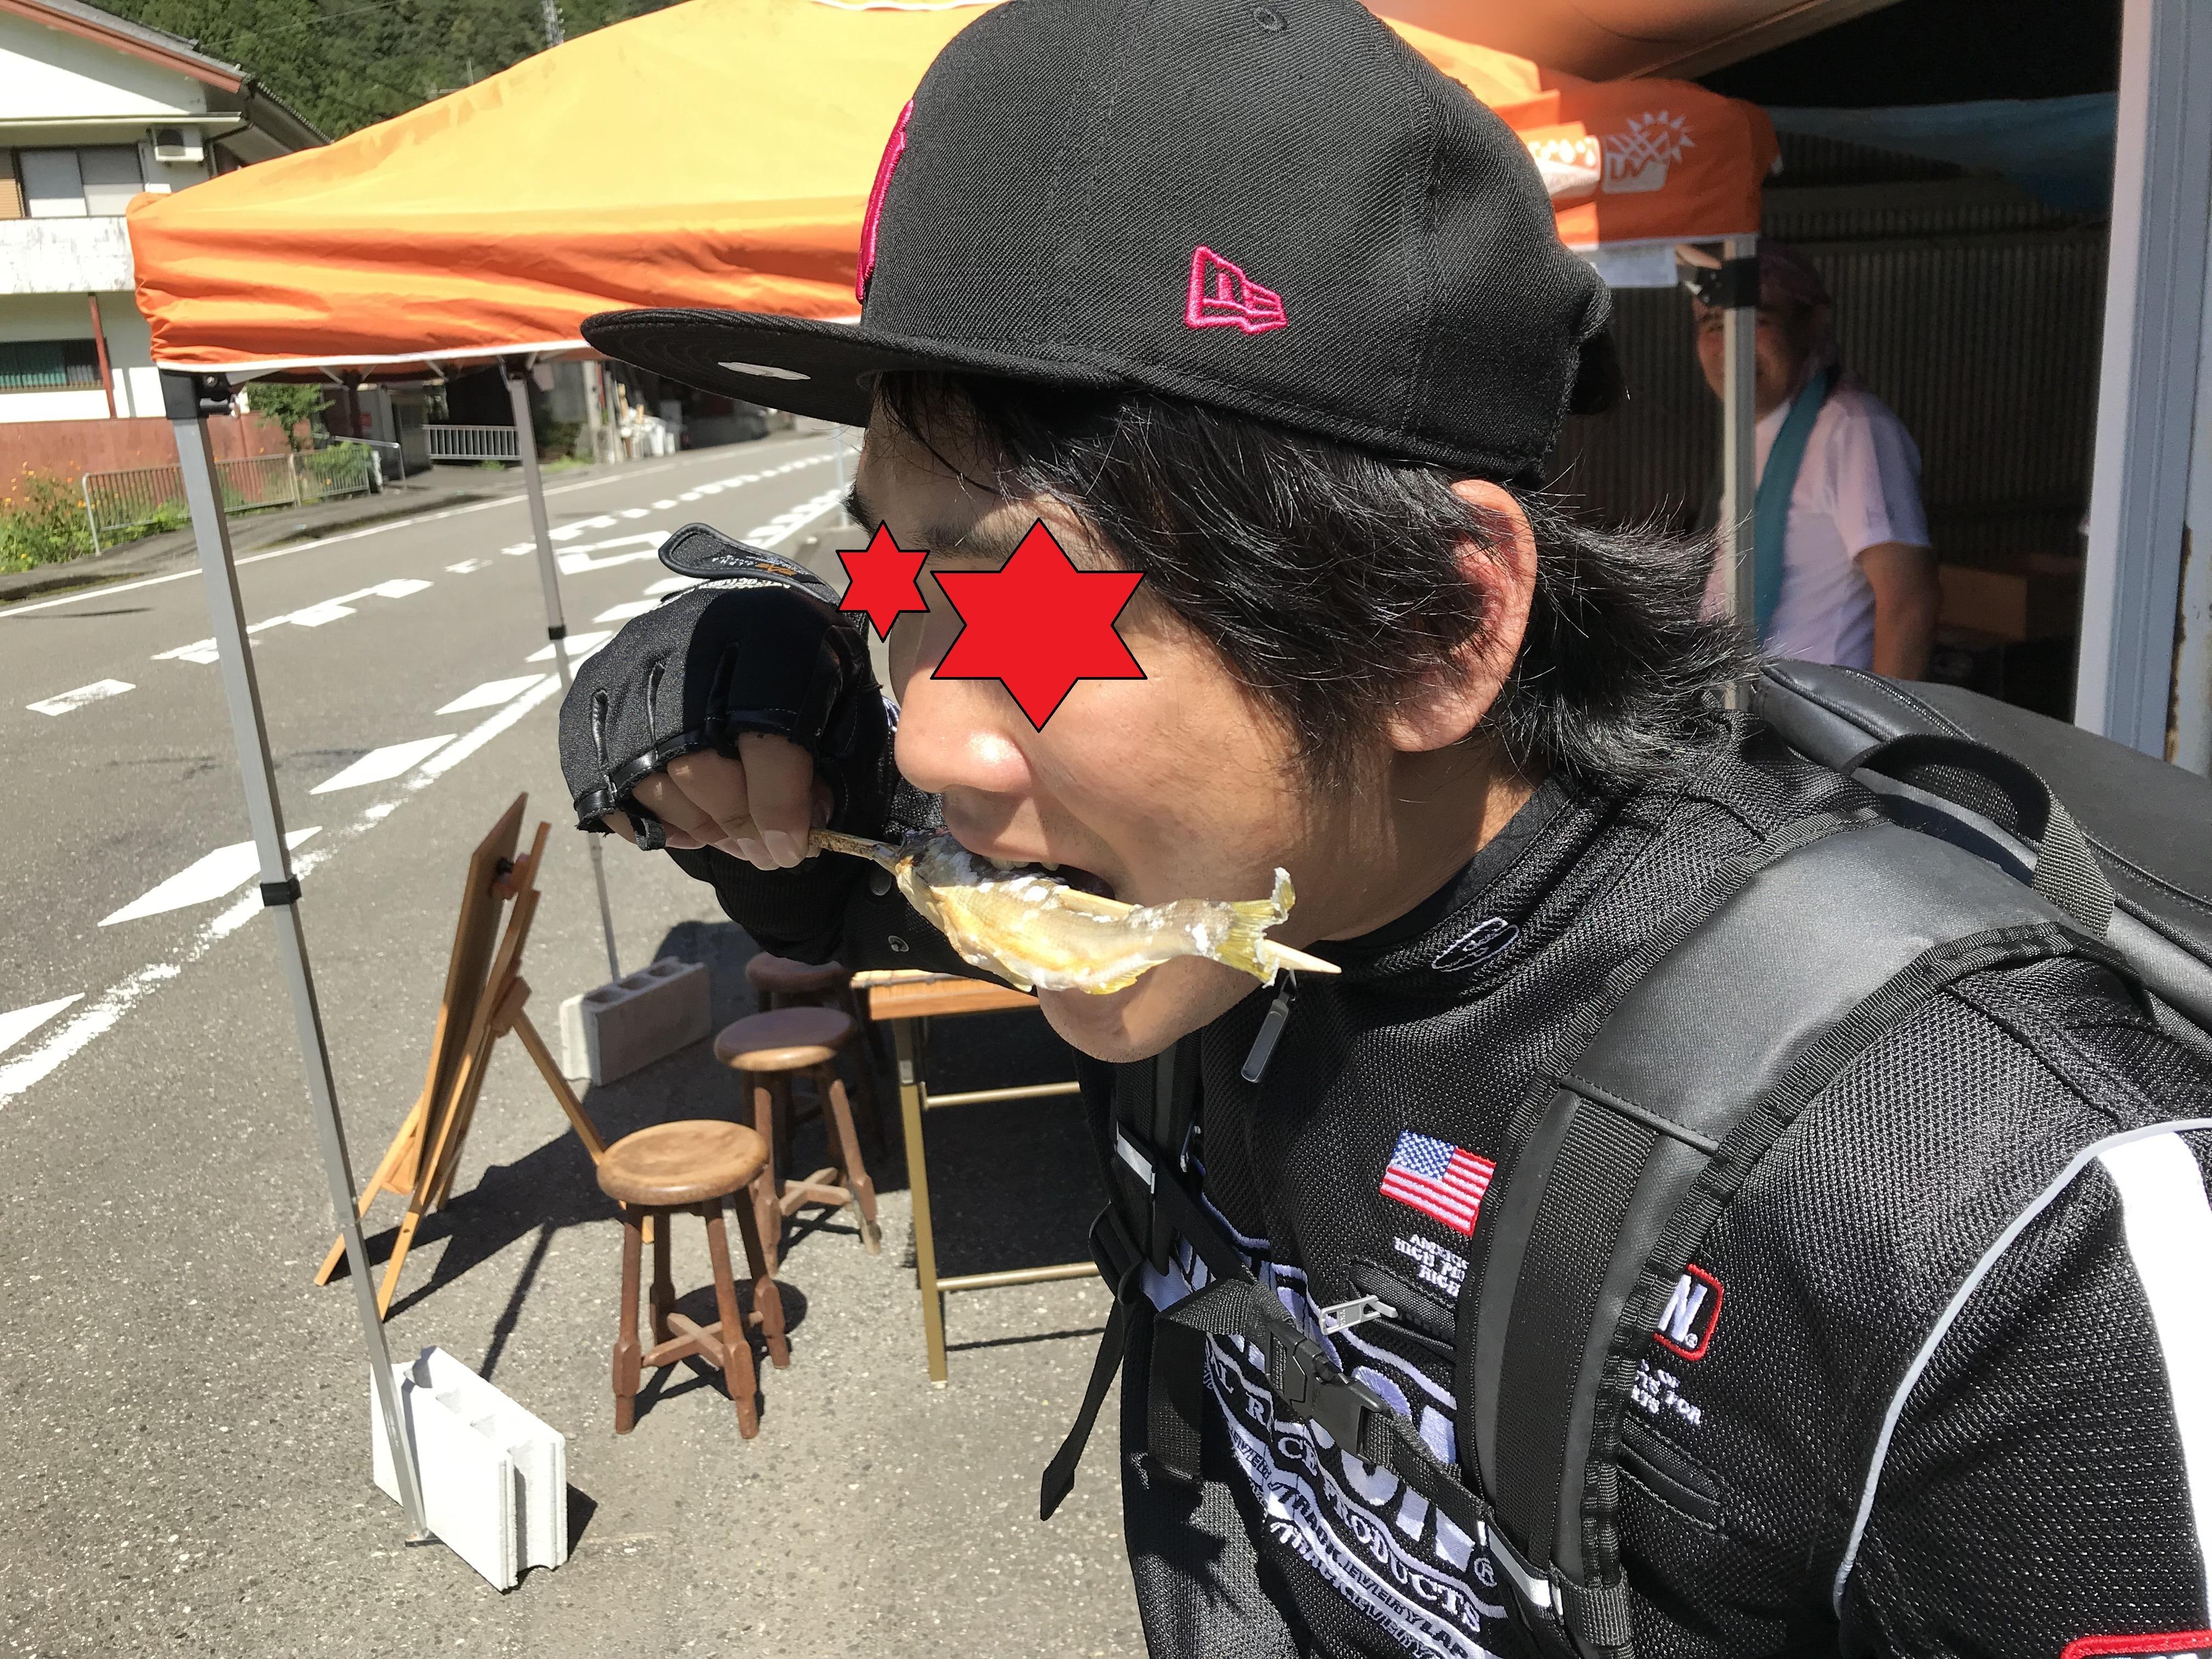 ぴーきち&ダイナ ハーレー で行く 十津川村 ツーリング 鮎の塩焼き